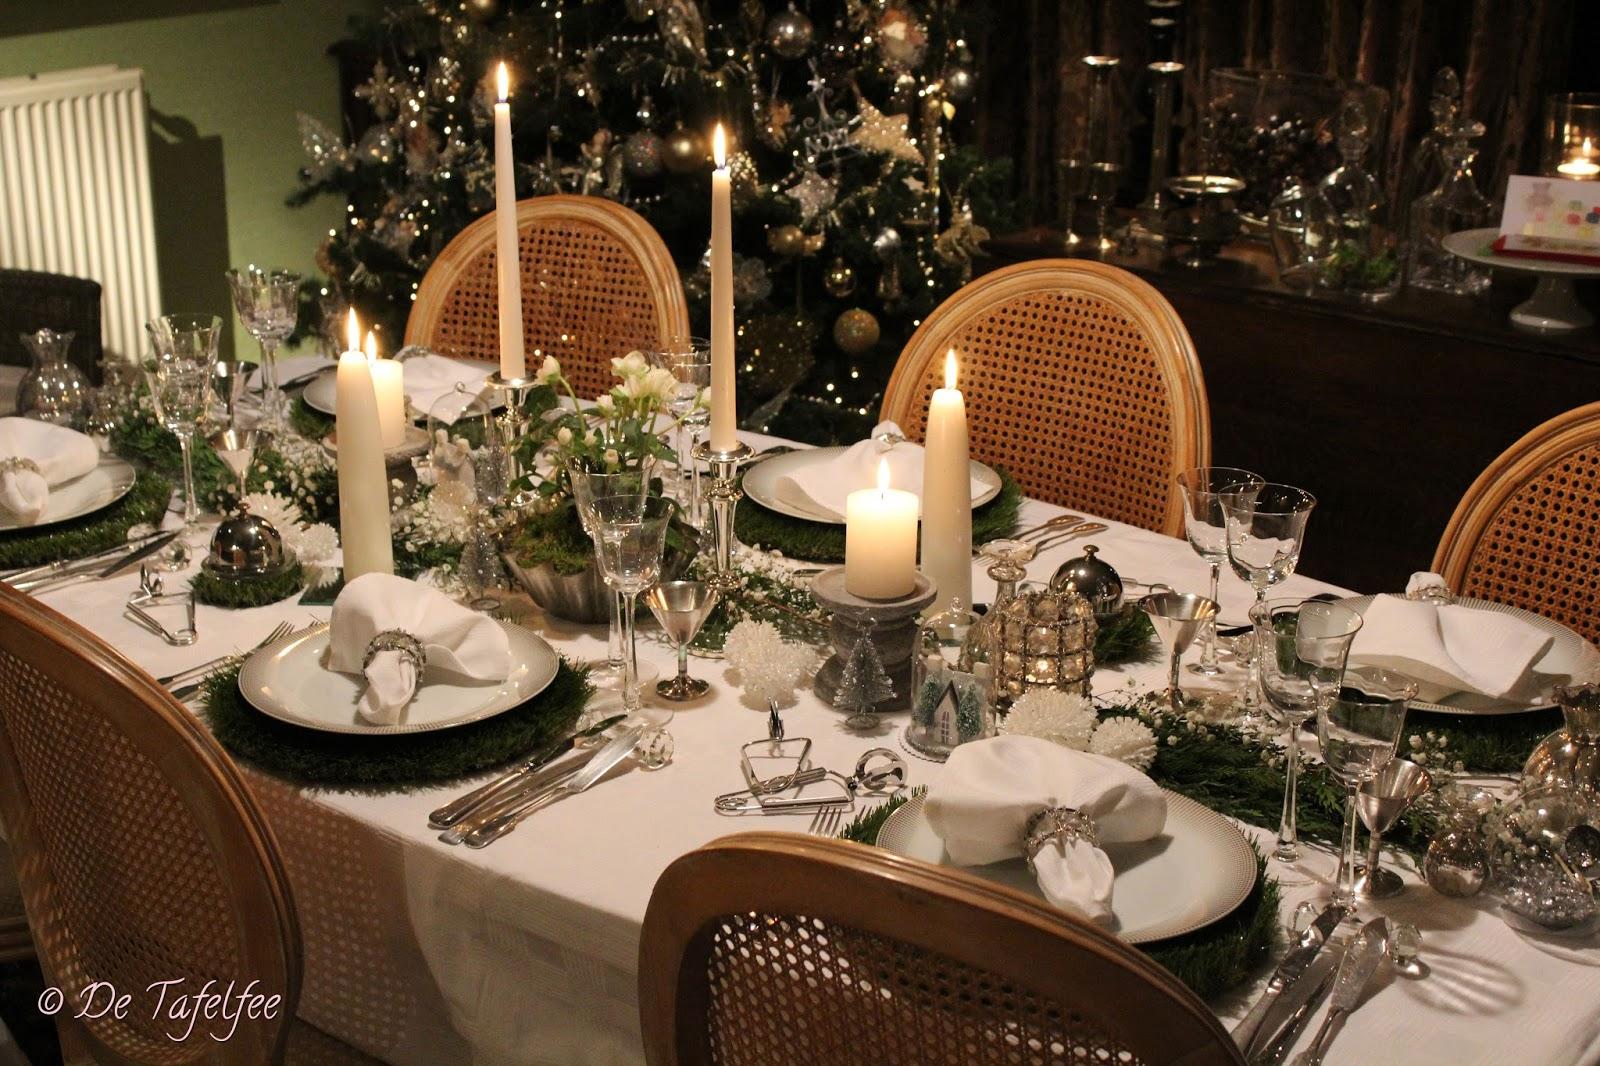 De tafelfee tafelen in landelijke stijl for Landelijke interieur ideeen